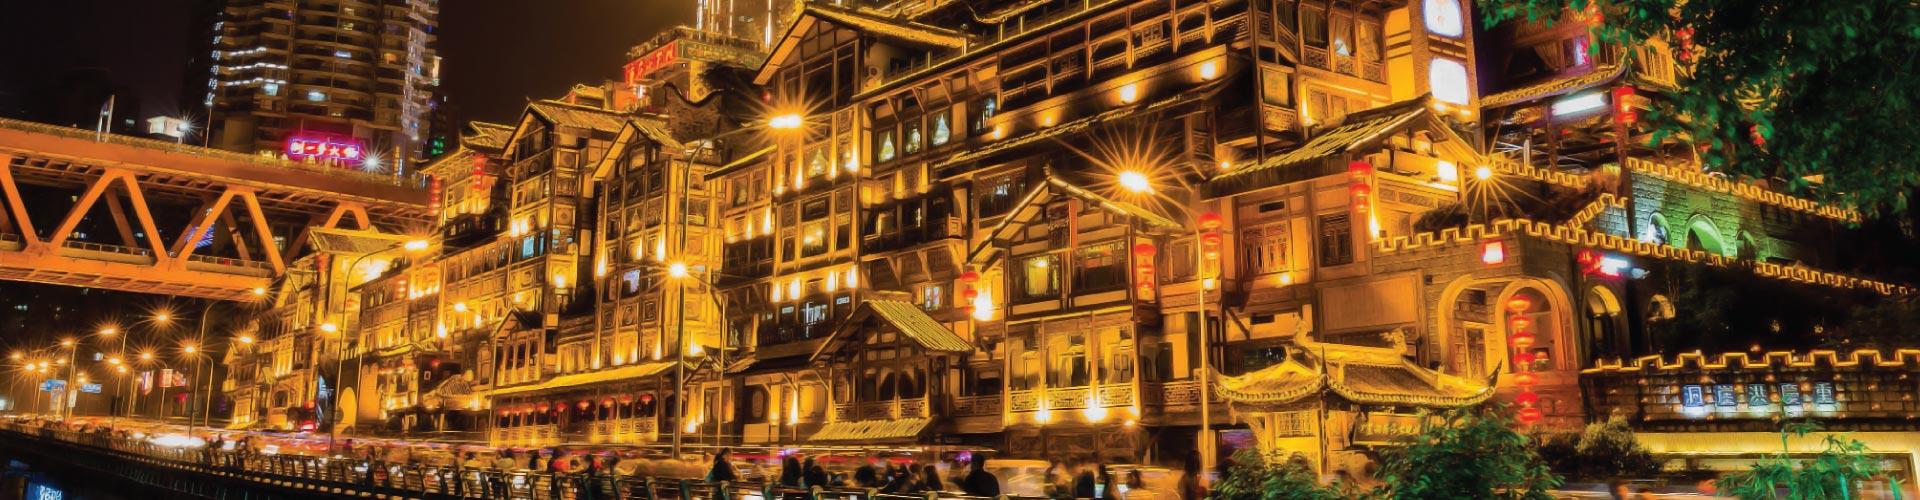 Wuhan, Chongqing